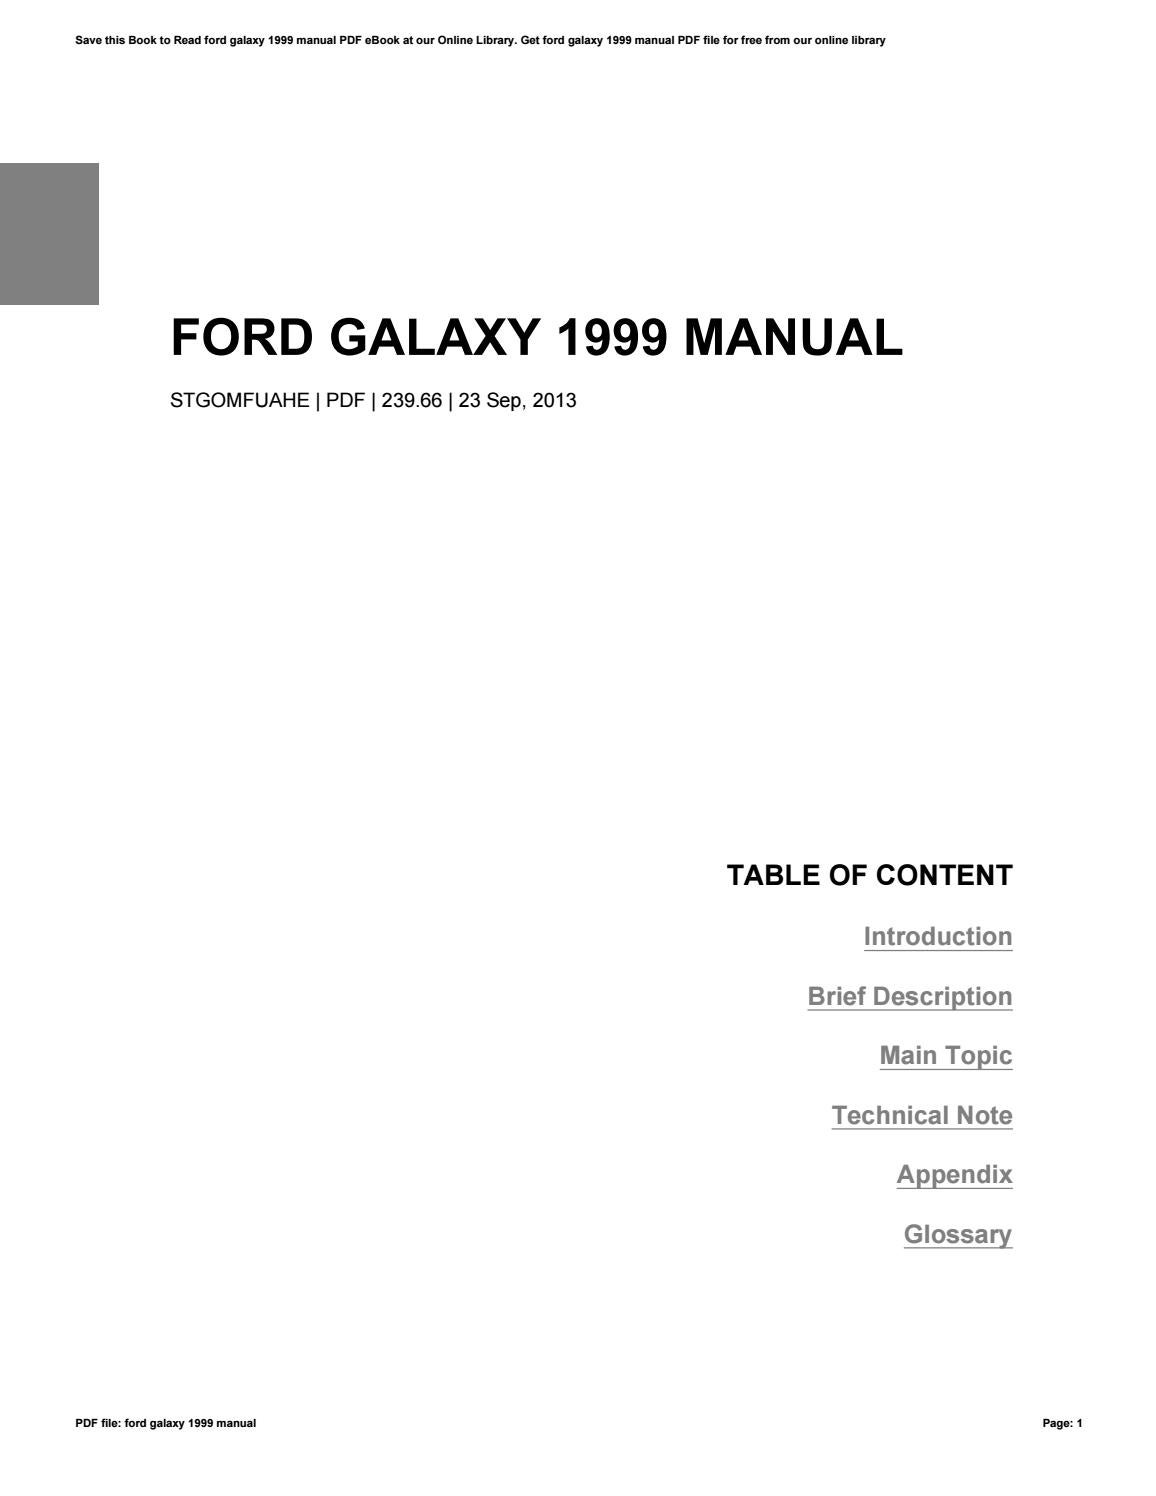 Ford Galaxy Manual Pdf